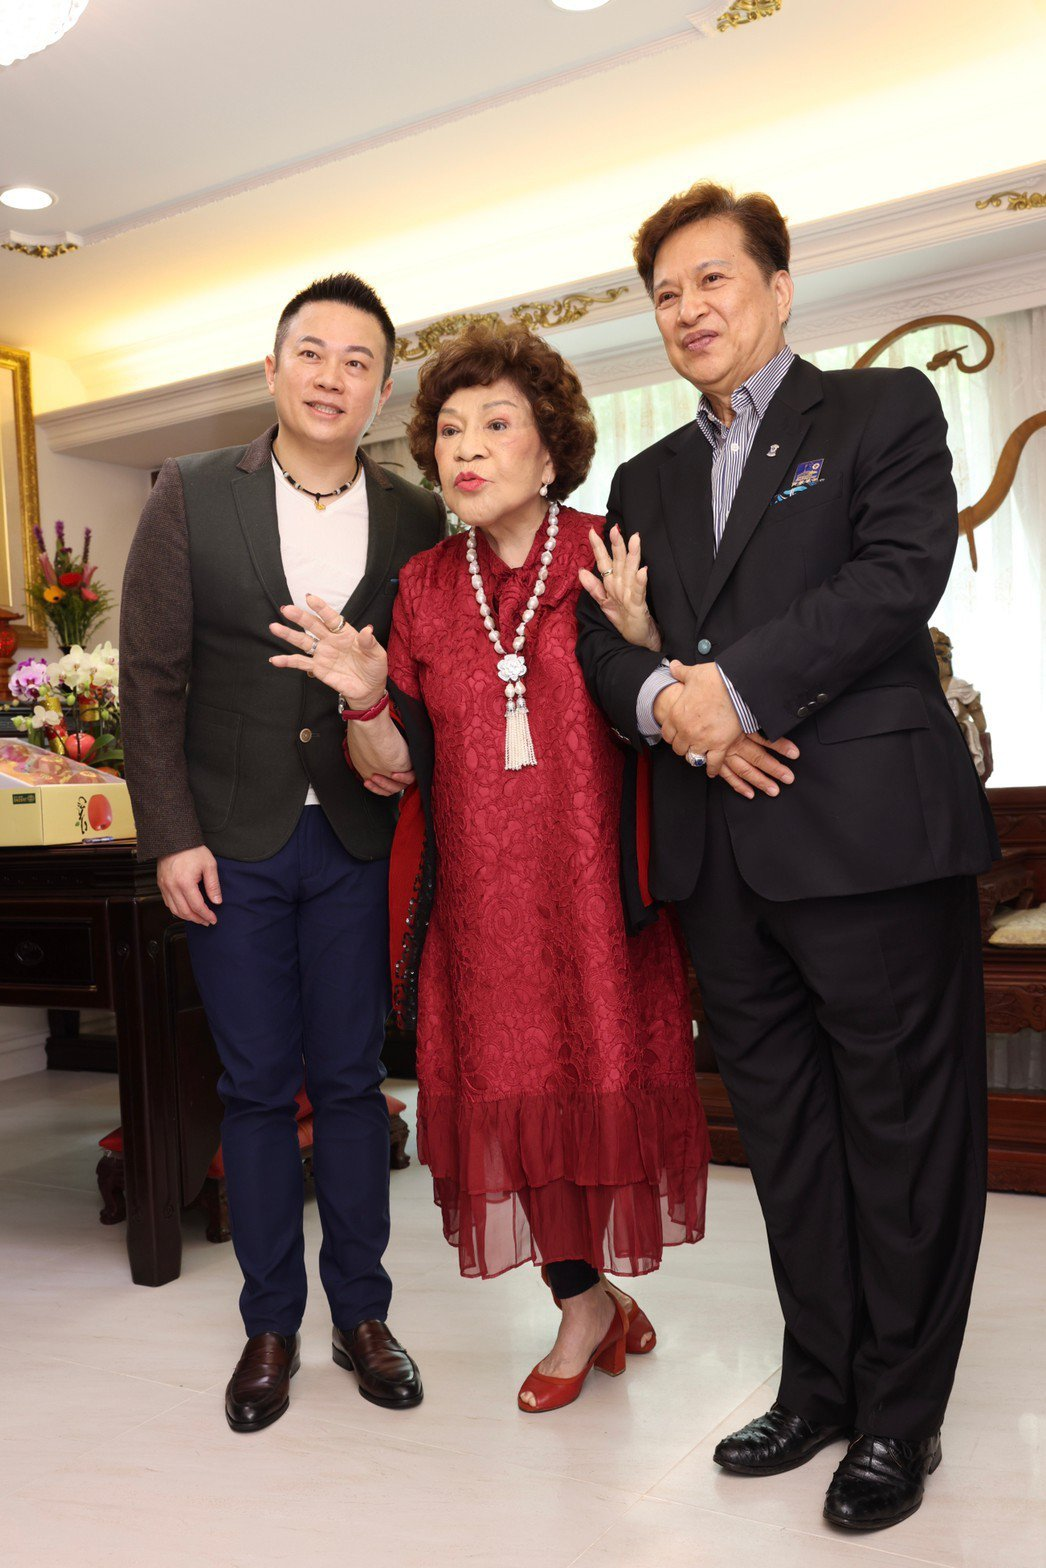 李朝永(右起)、「阿姑」周遊夫妻認鮑魚王子施冠伸為乾兒子。記者王聰賢/攝影